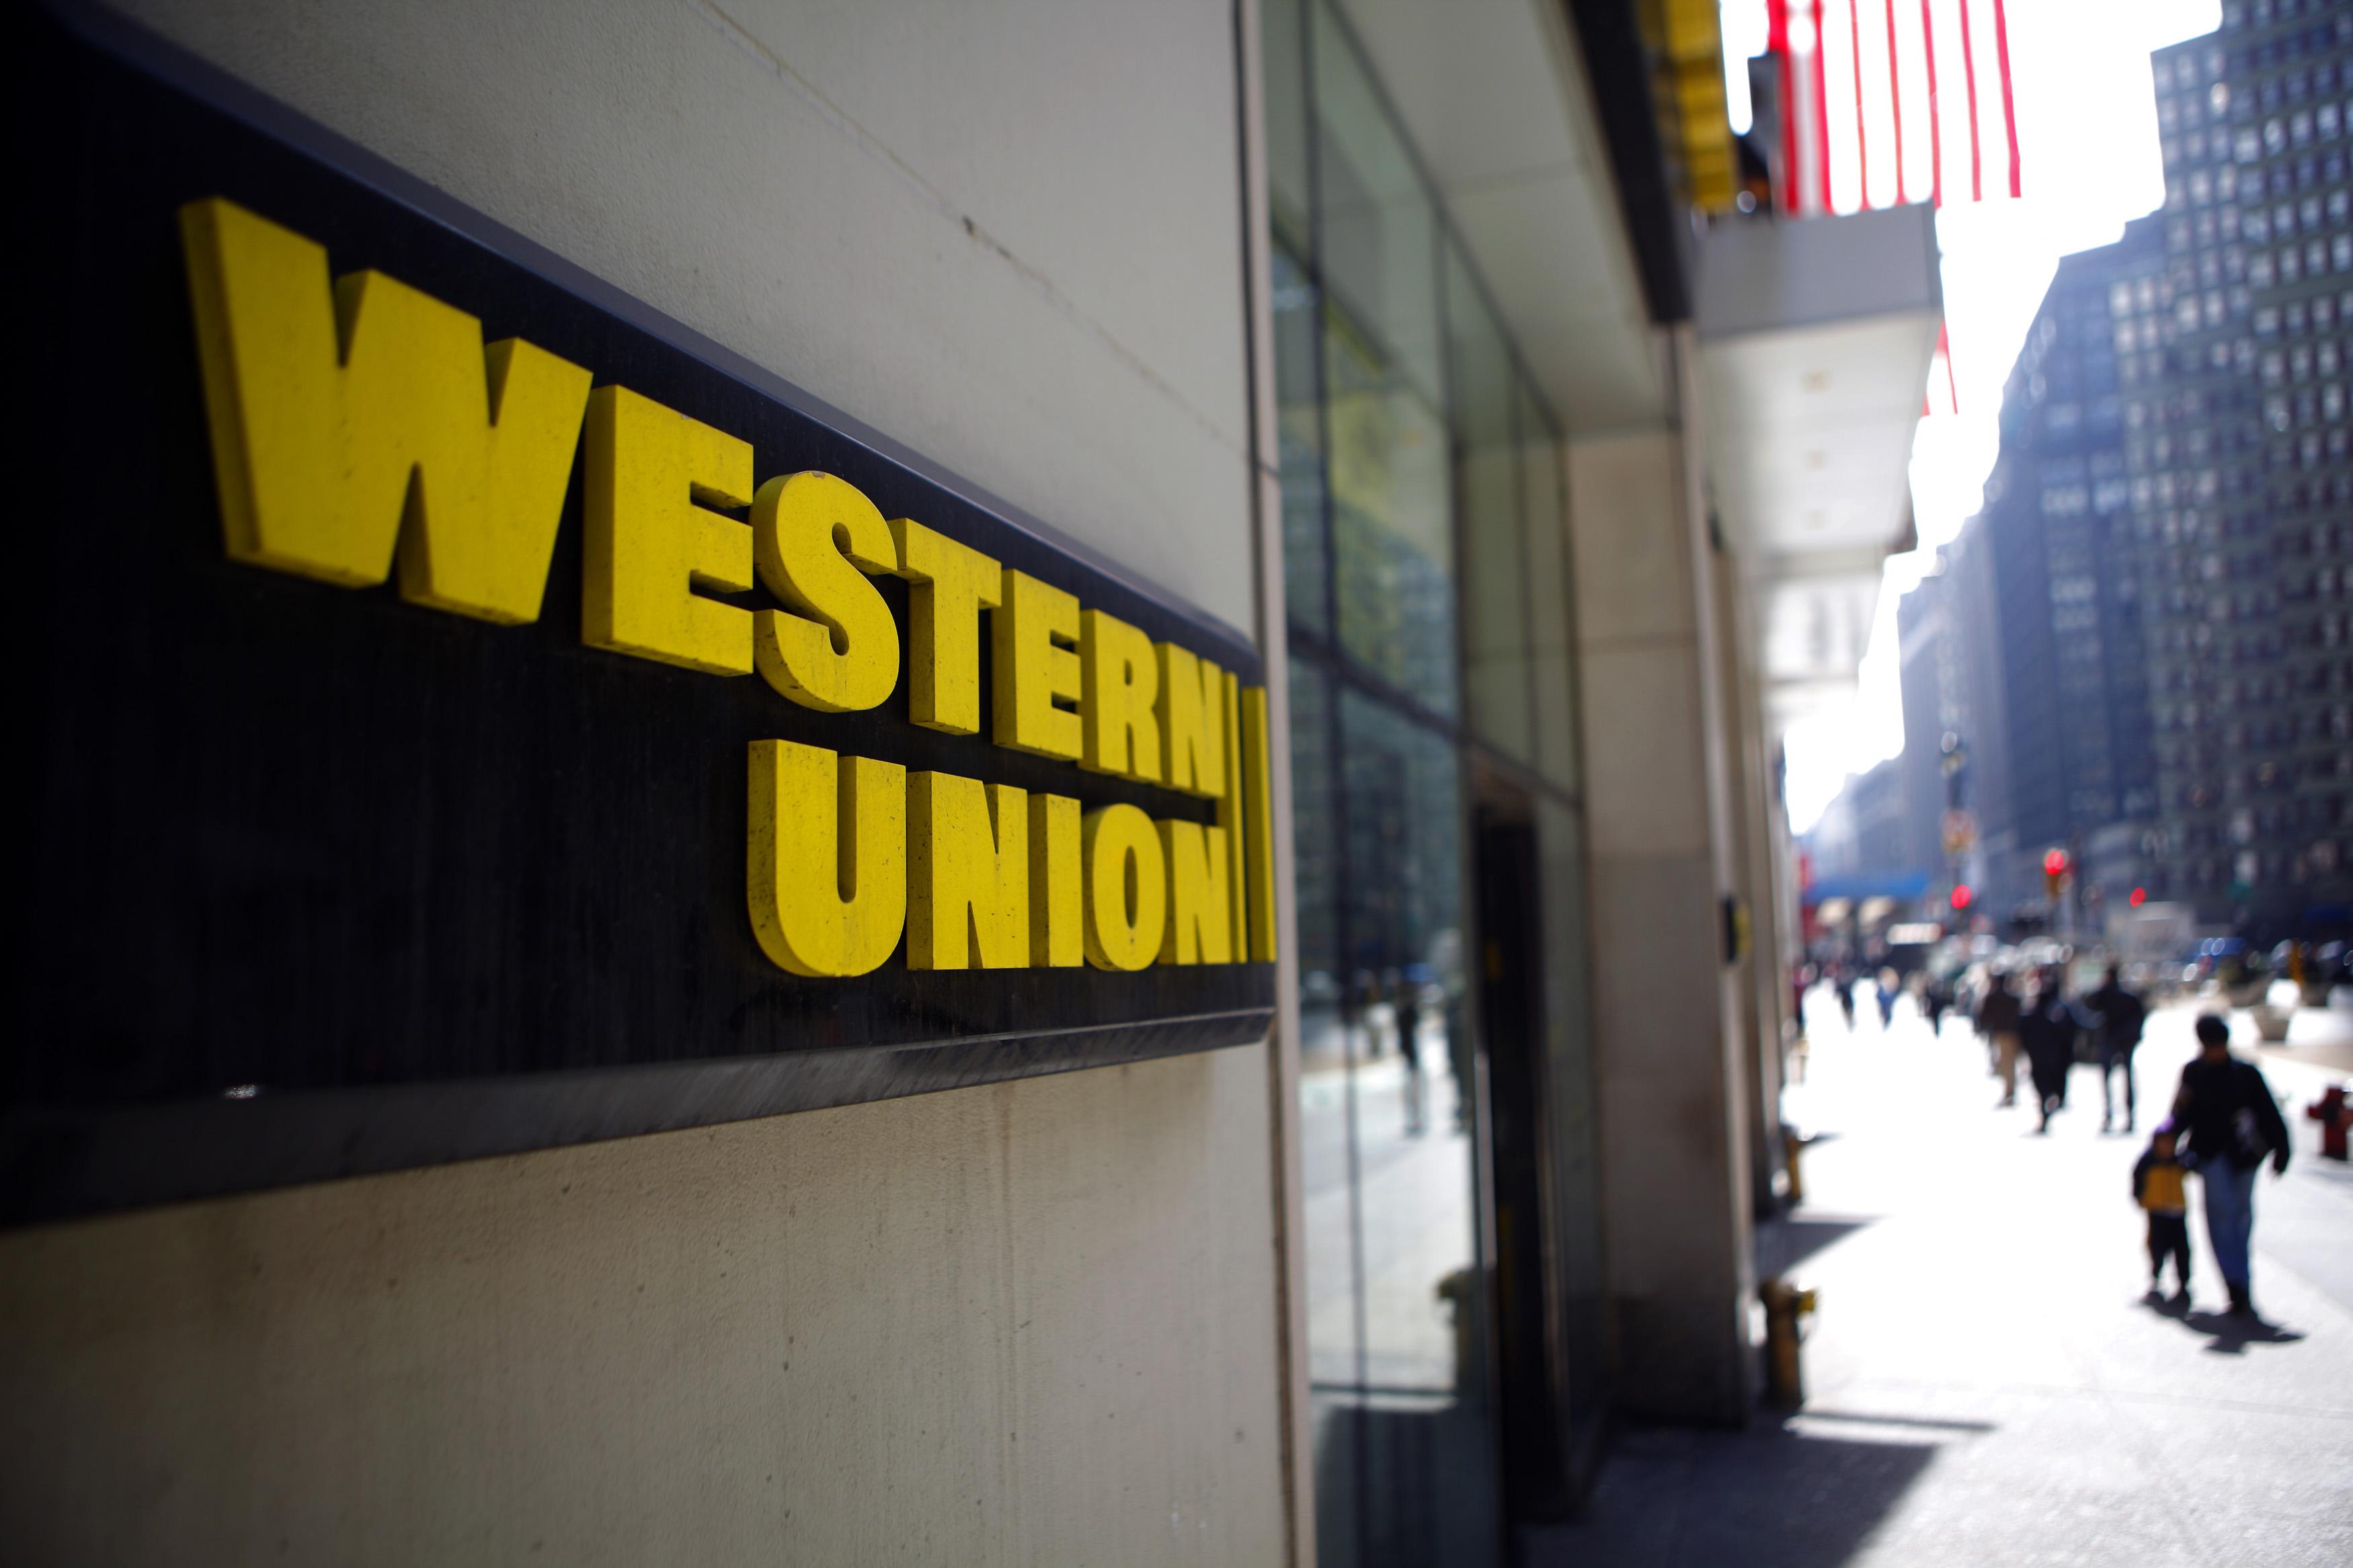 western_union001